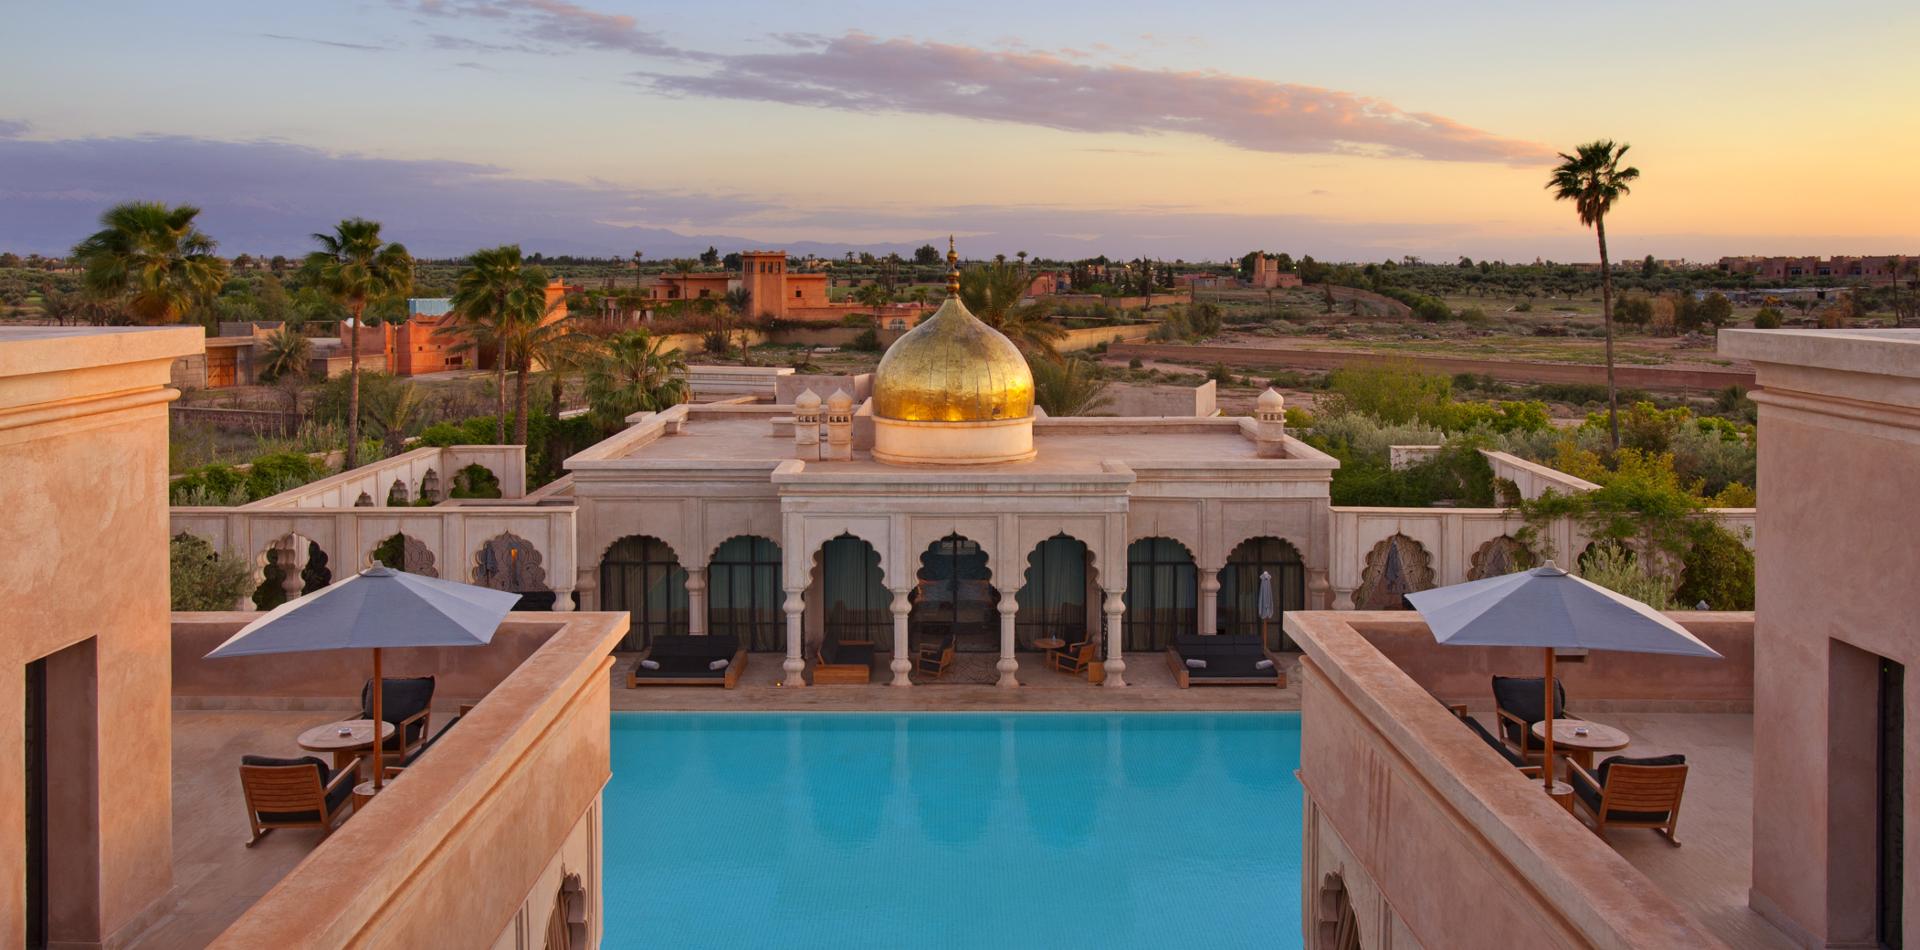 Luxushotel Palais Namaskar Marokko, Luxushotel Marrakesch, Individualreise Marokko